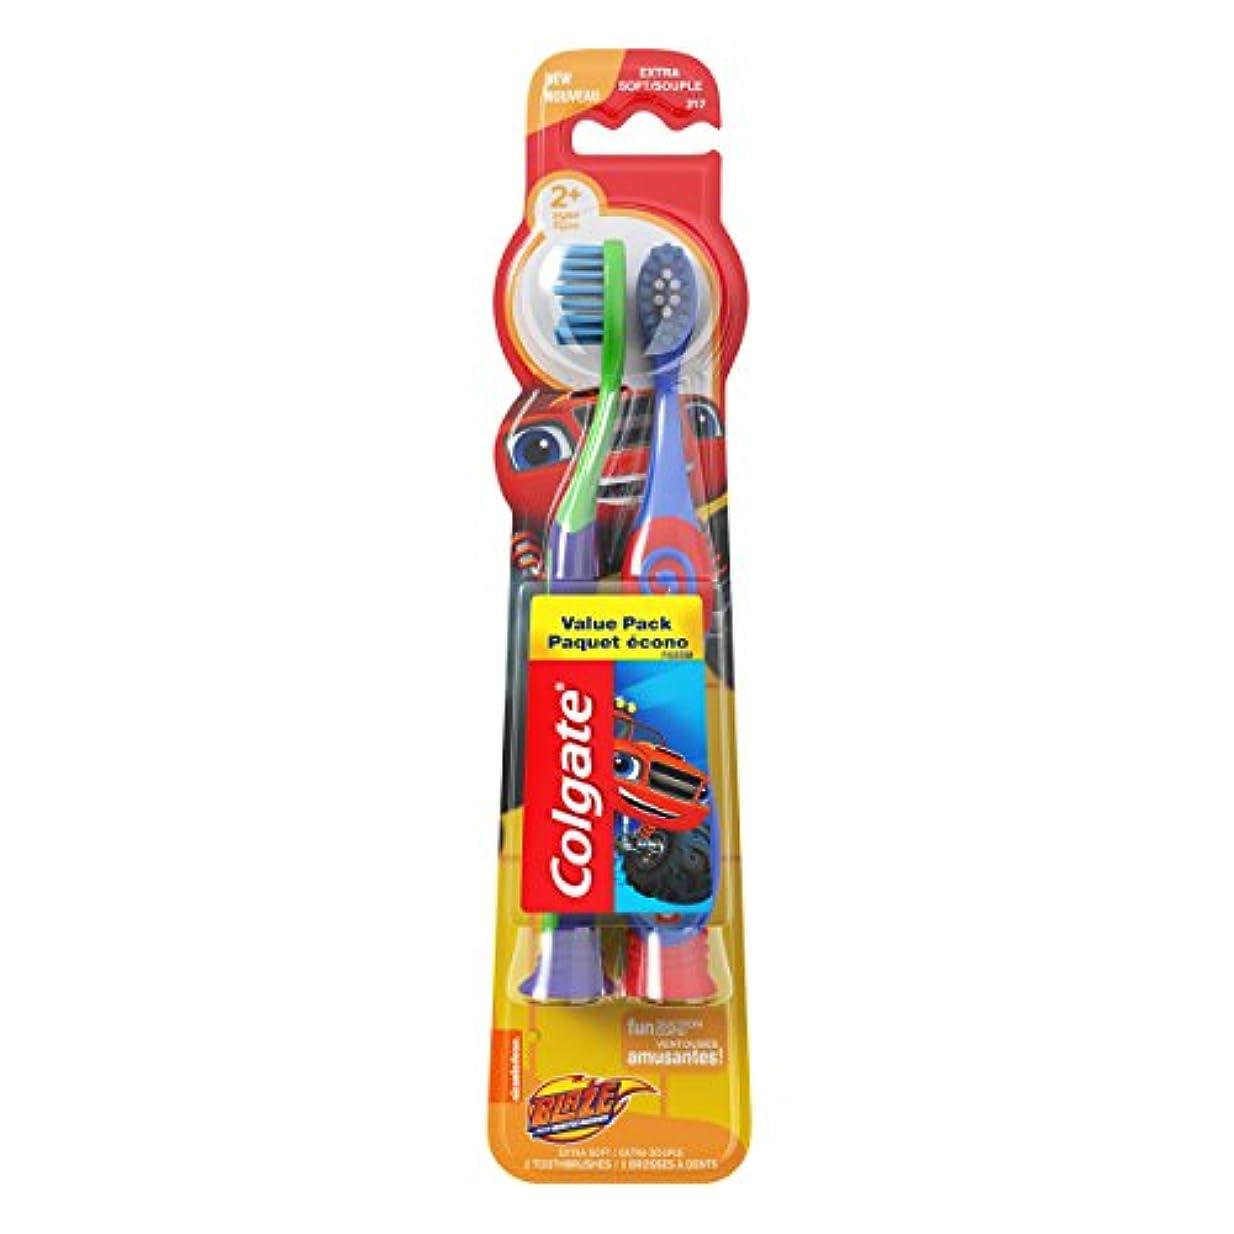 後継気になる有力者Colgate 吸盤付きキッズ柔らかい歯ブラシ、ブレイズバリューパック(2カウント)